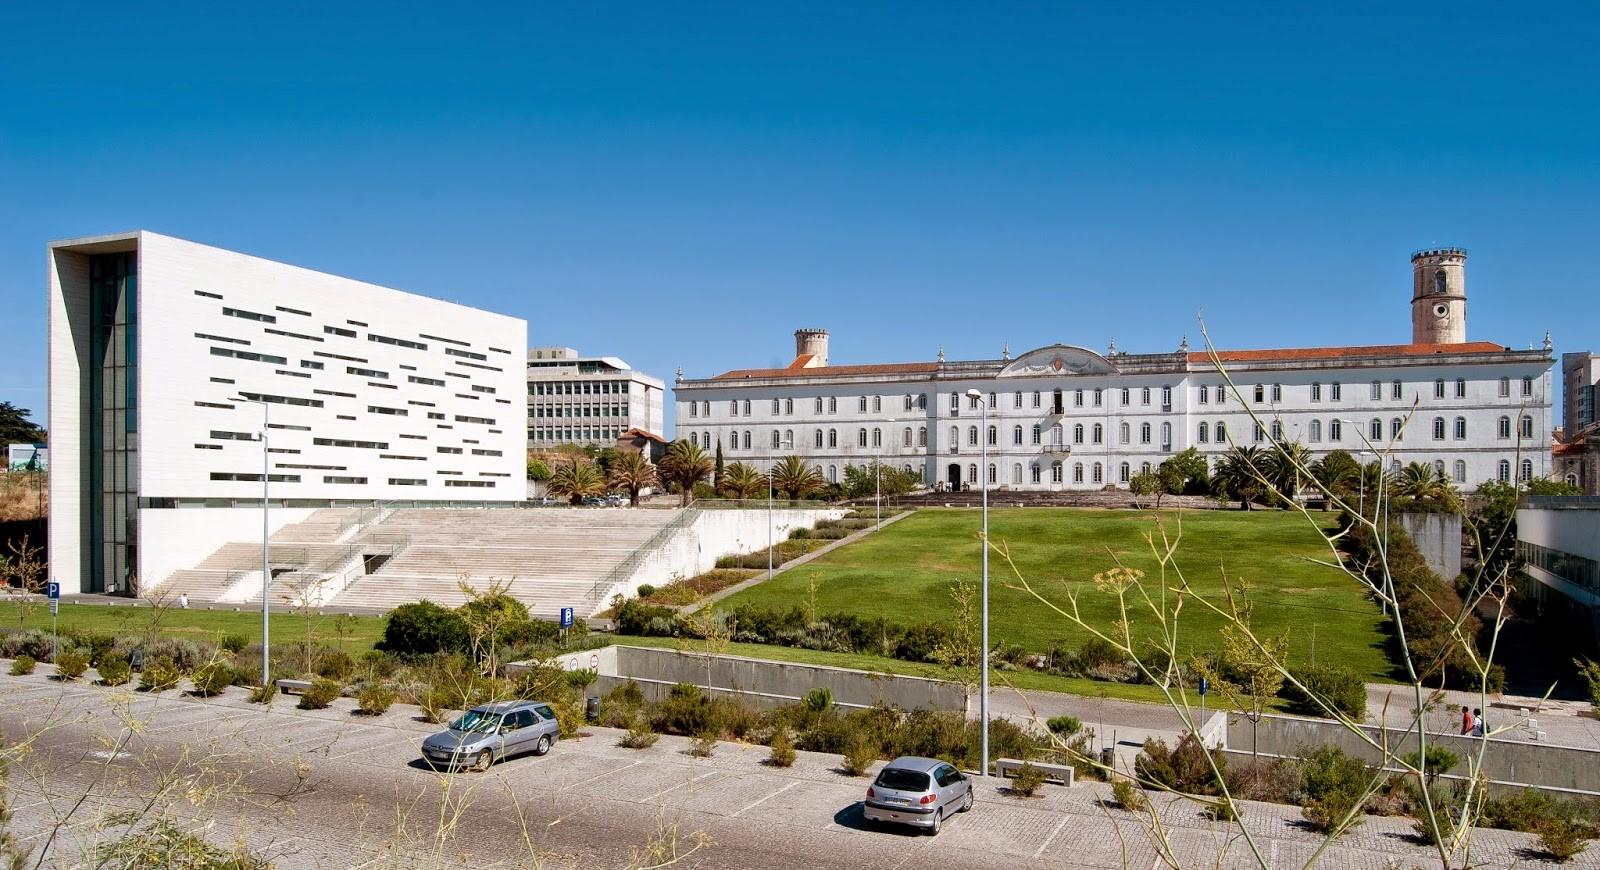 Đại học Nova de Lisboa đứng thứ 2 các trường đại học ở Bồ Đào Nha